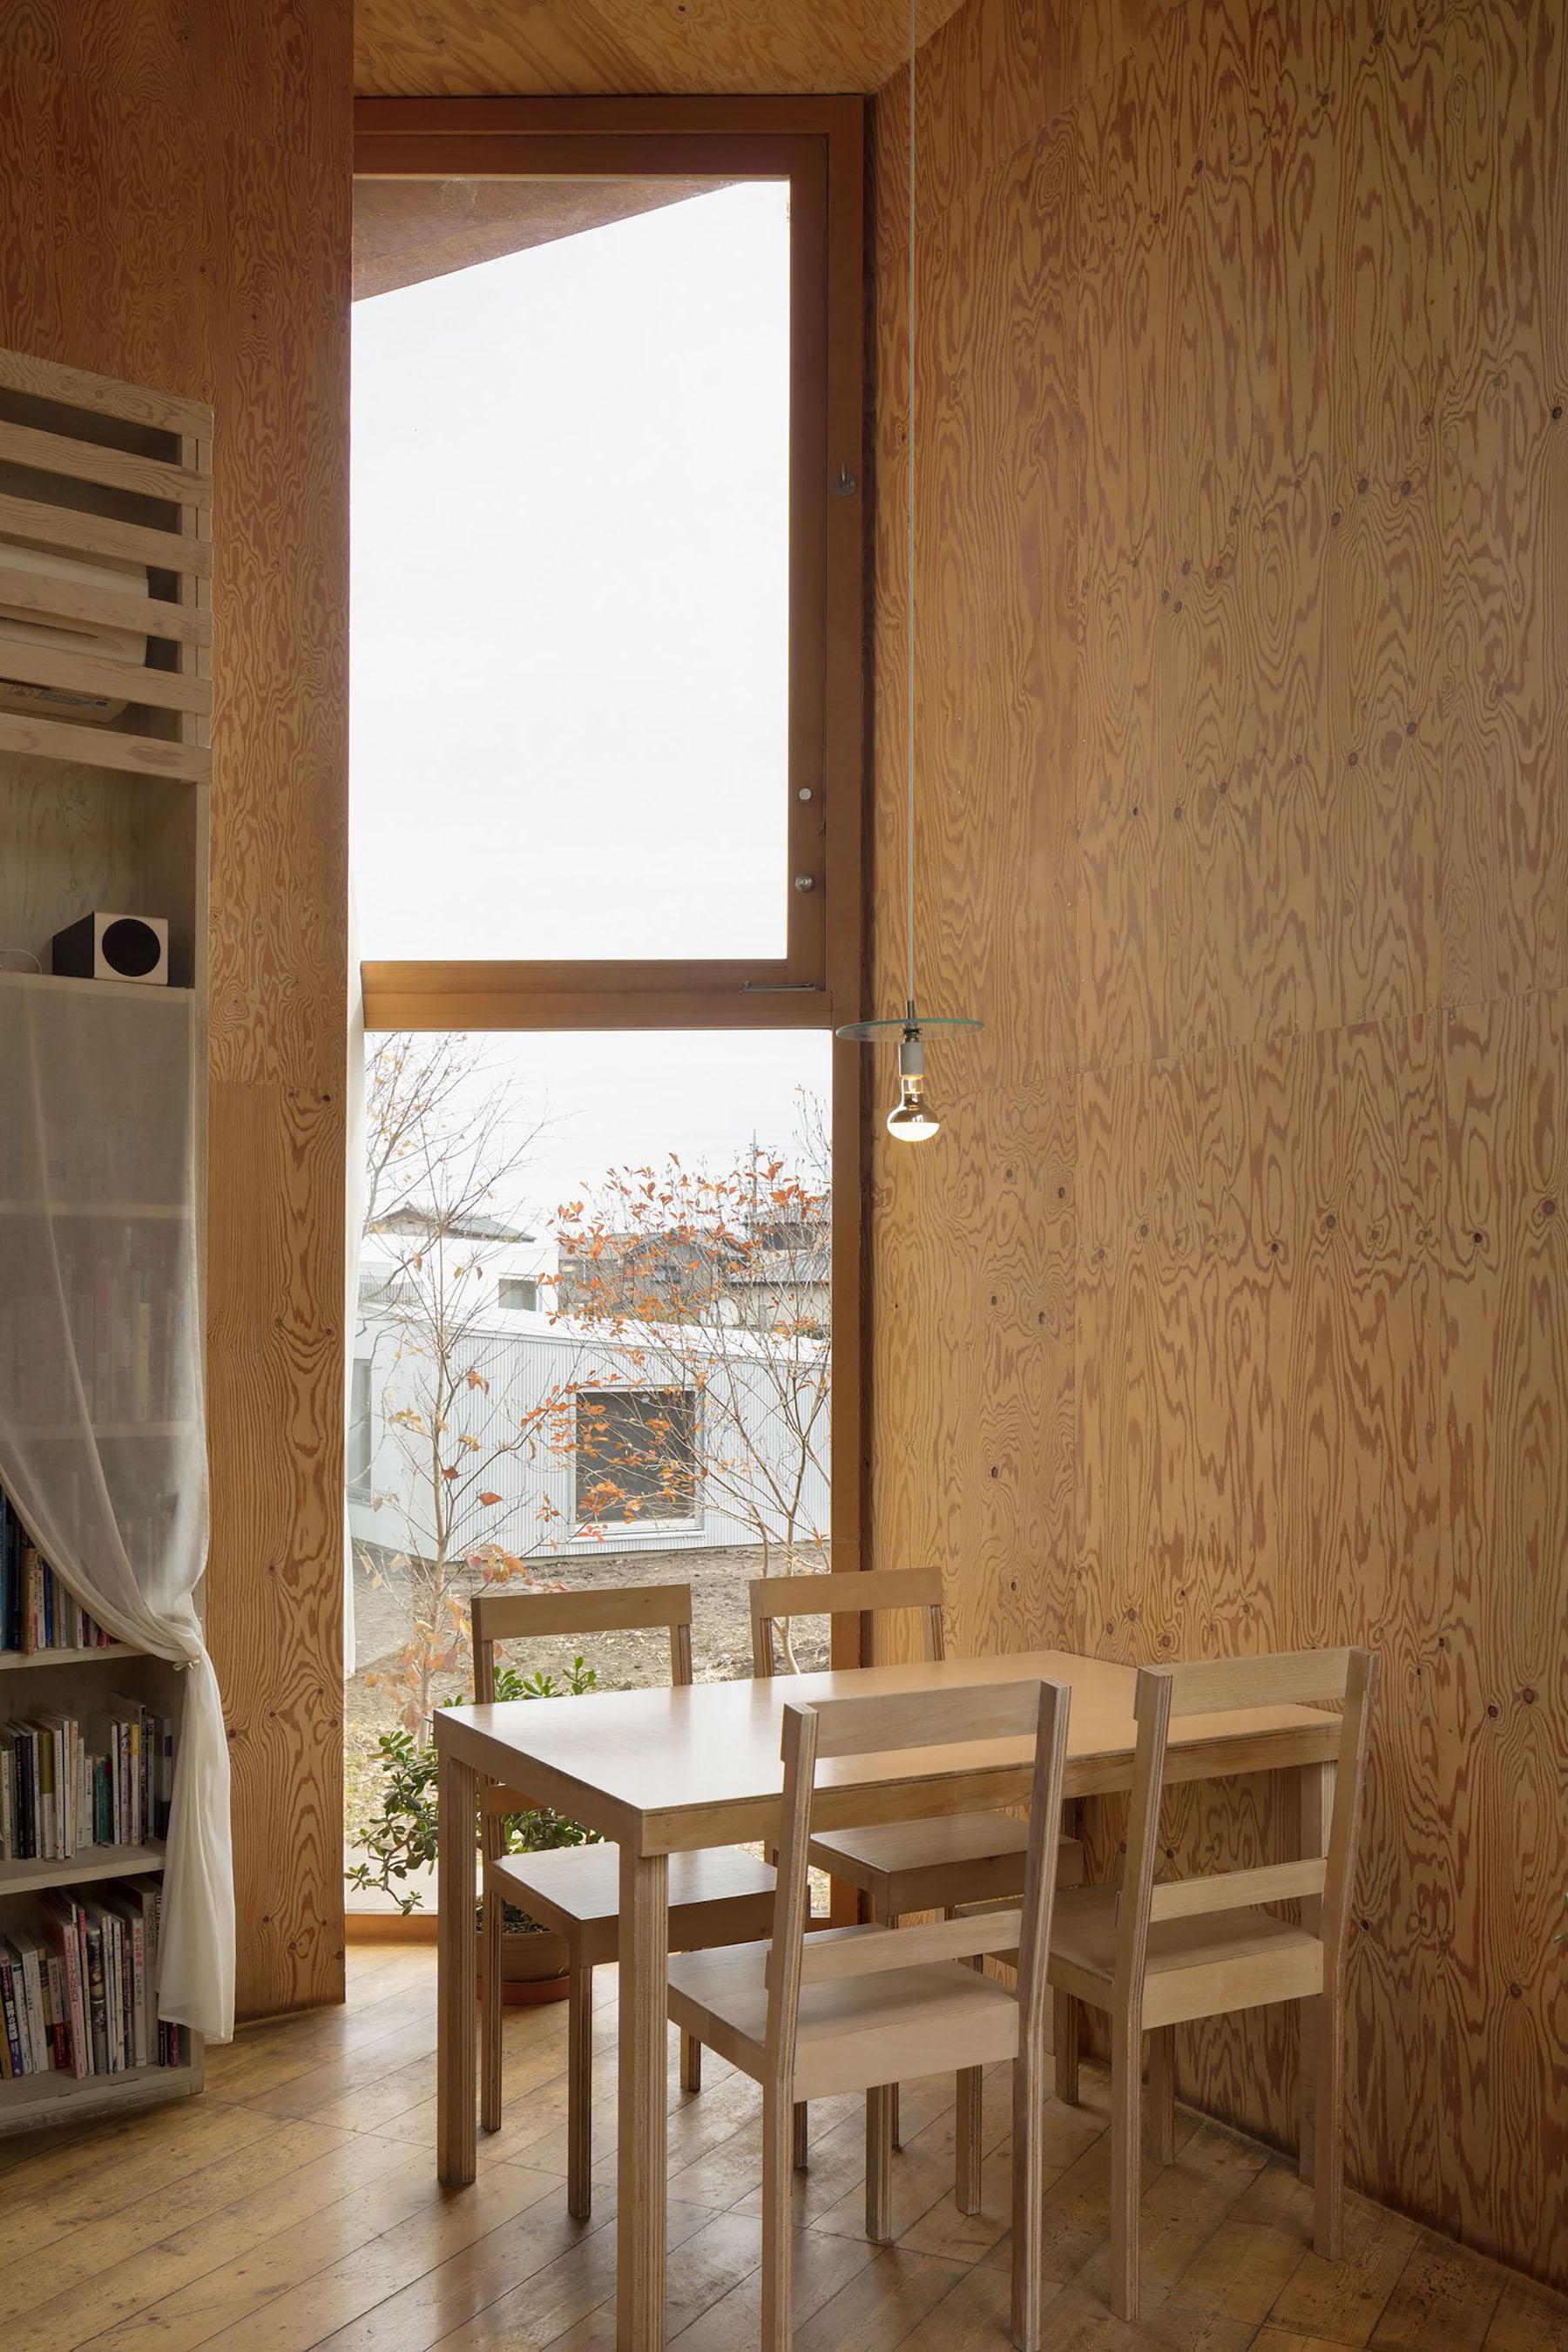 iGNANT-Architecture-Miya-Akiko-Roofs-And-Window-007